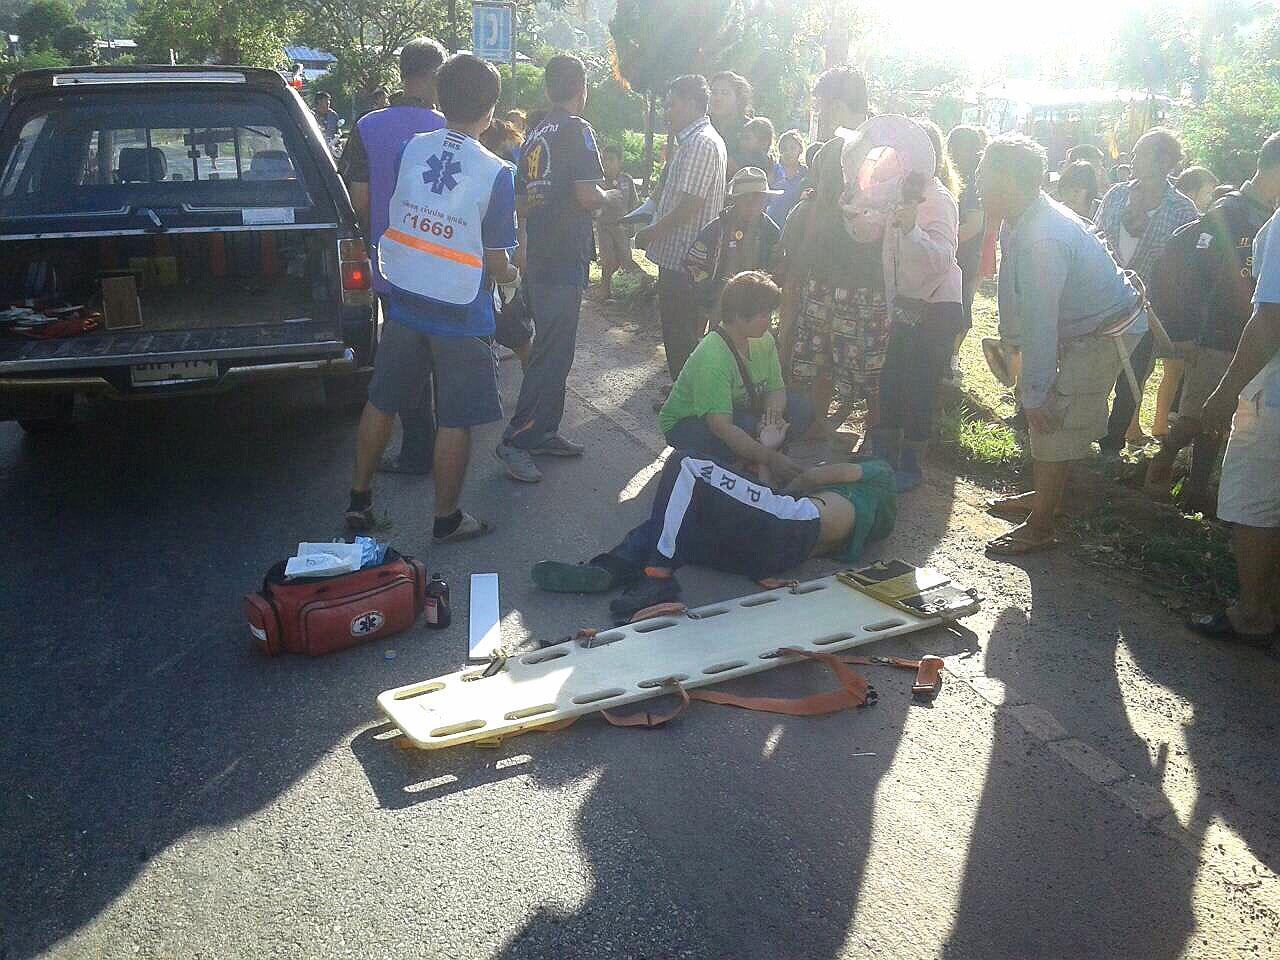 หน่วยกู้ภัยกำลังเคลื่อนย้ายผู้บาดเจ็บออกจากที่เกิดเหตุ